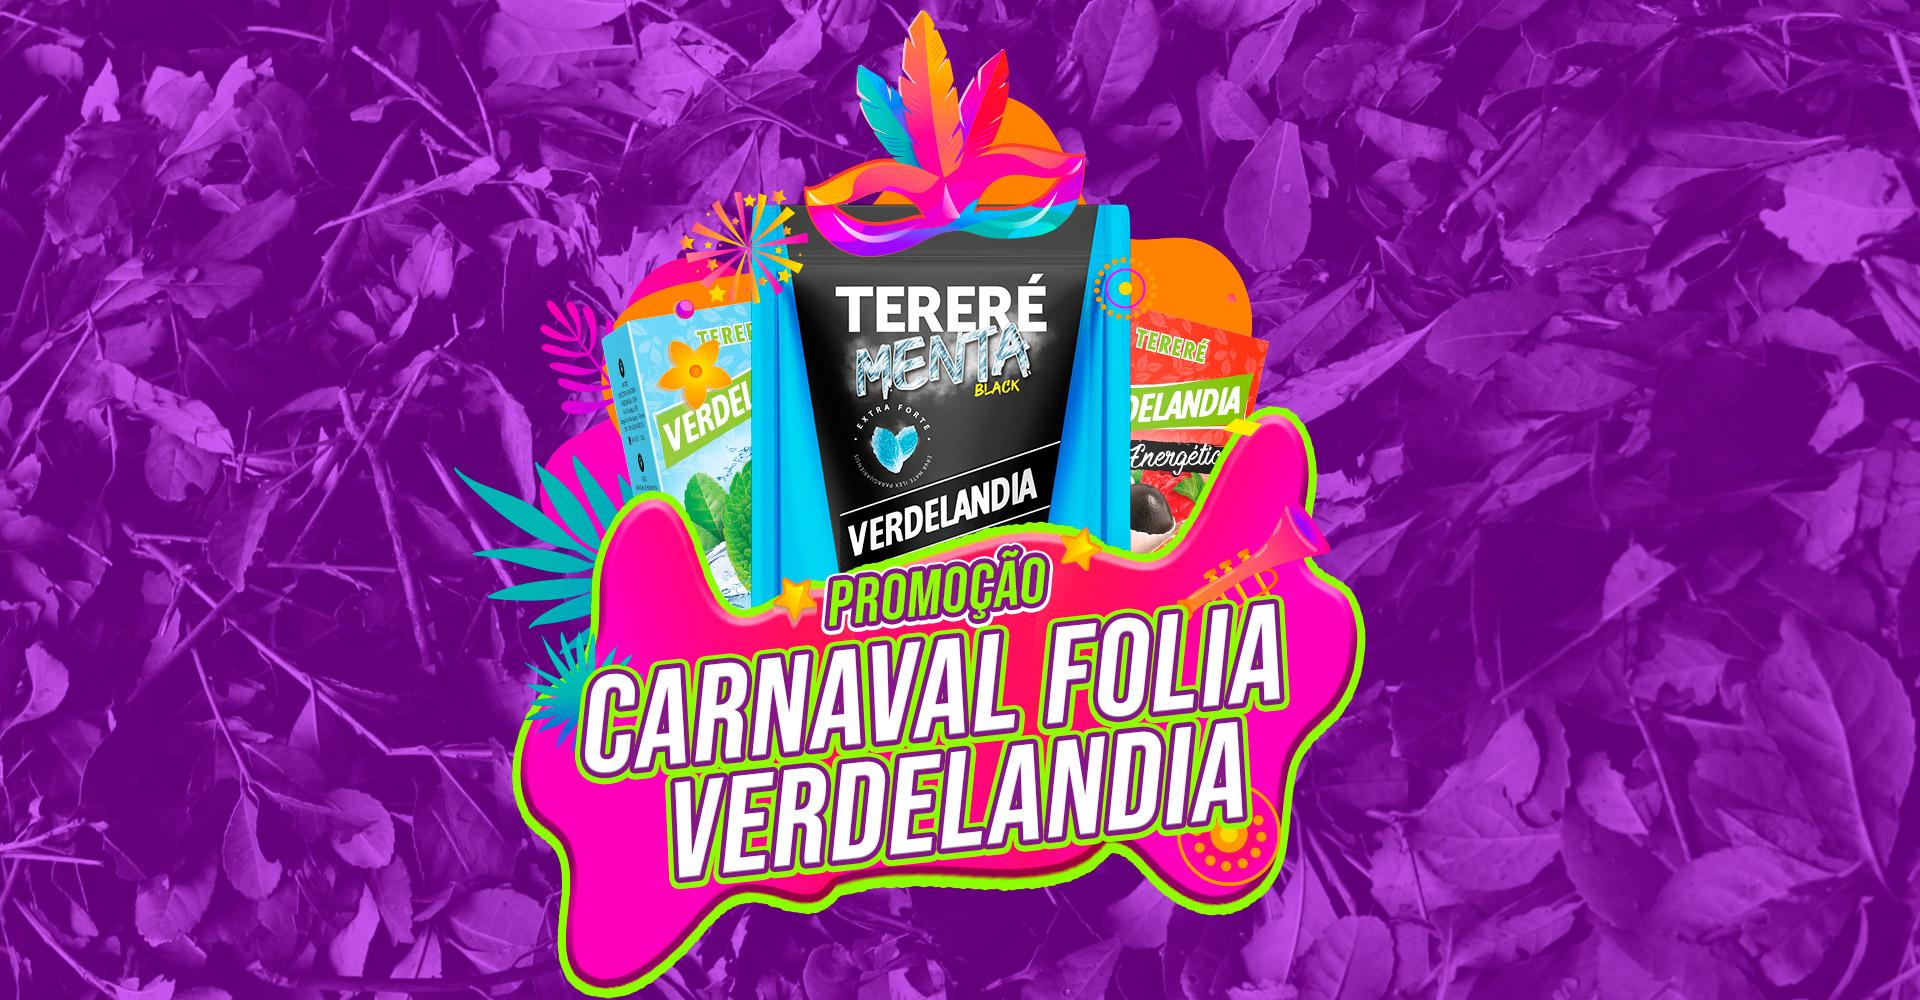 Promoção de carnaval